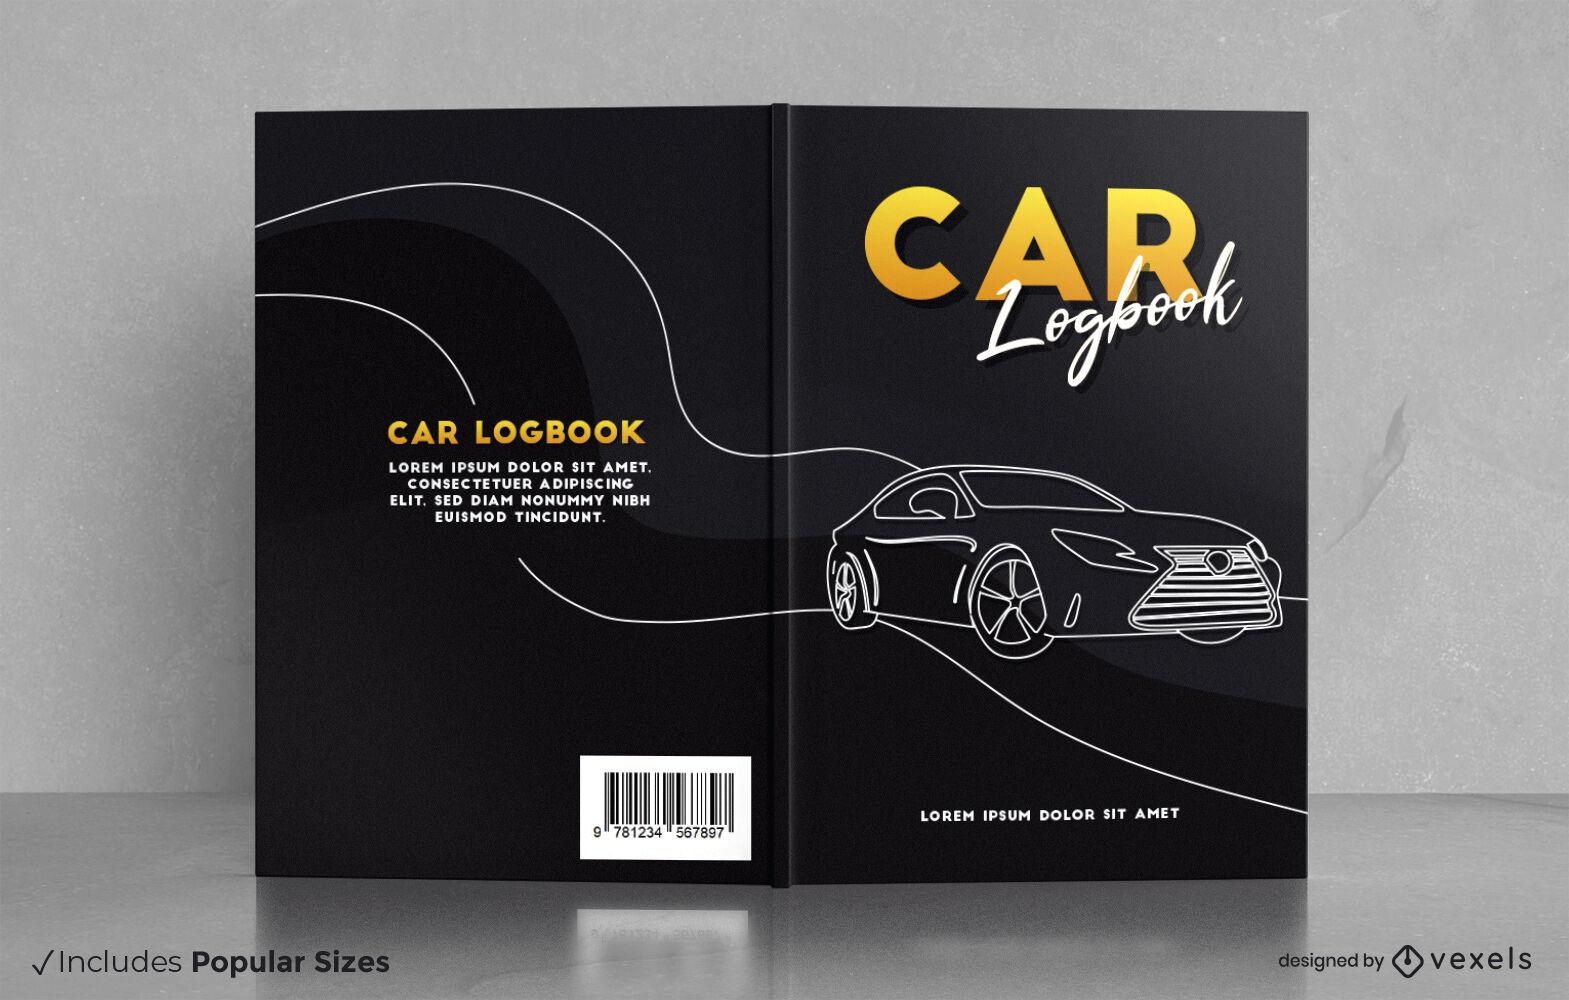 Car logbook cover design